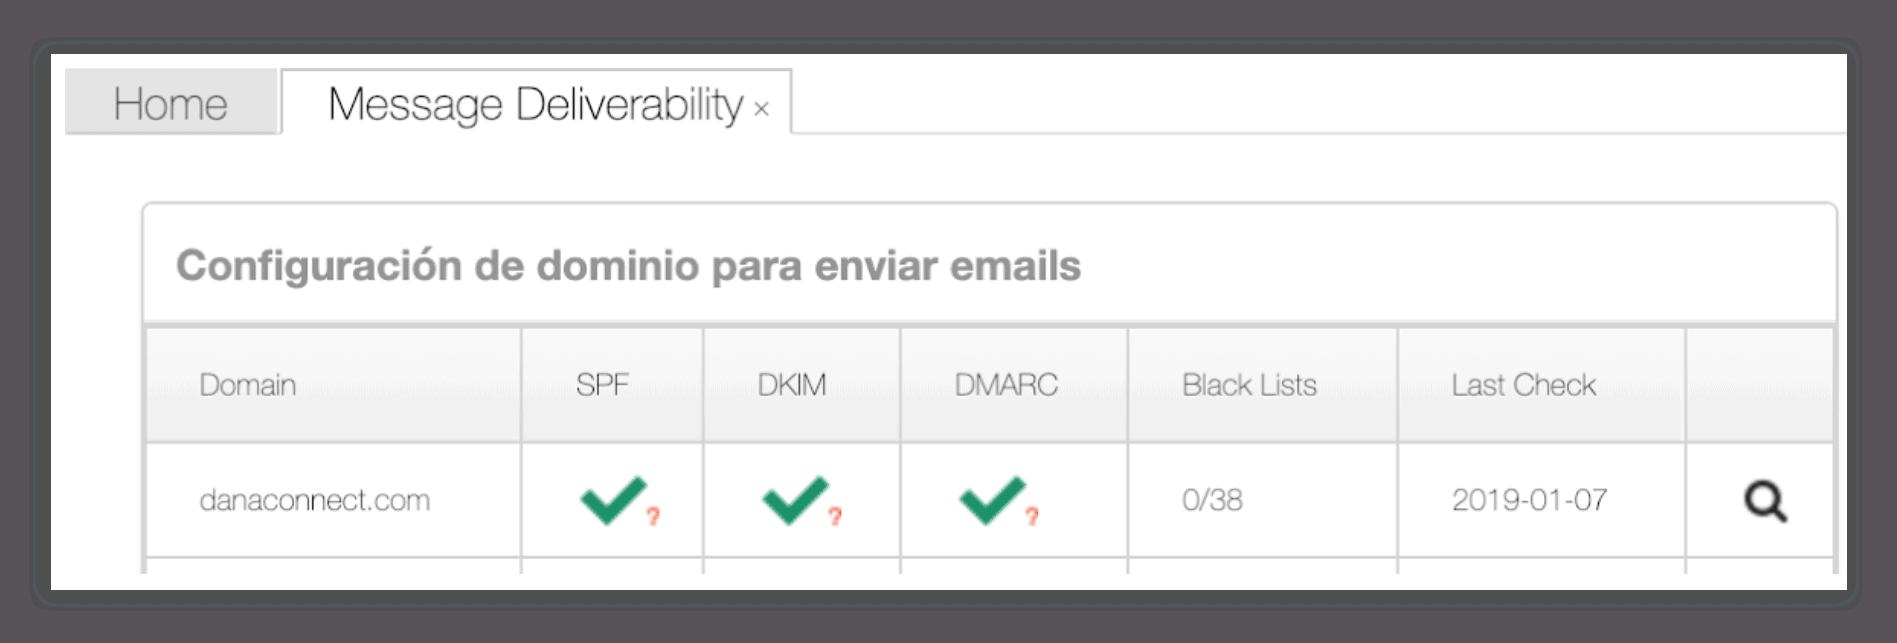 Visualización del la capacidad de entrega de email de los dominios en la plataforma DANAConnect